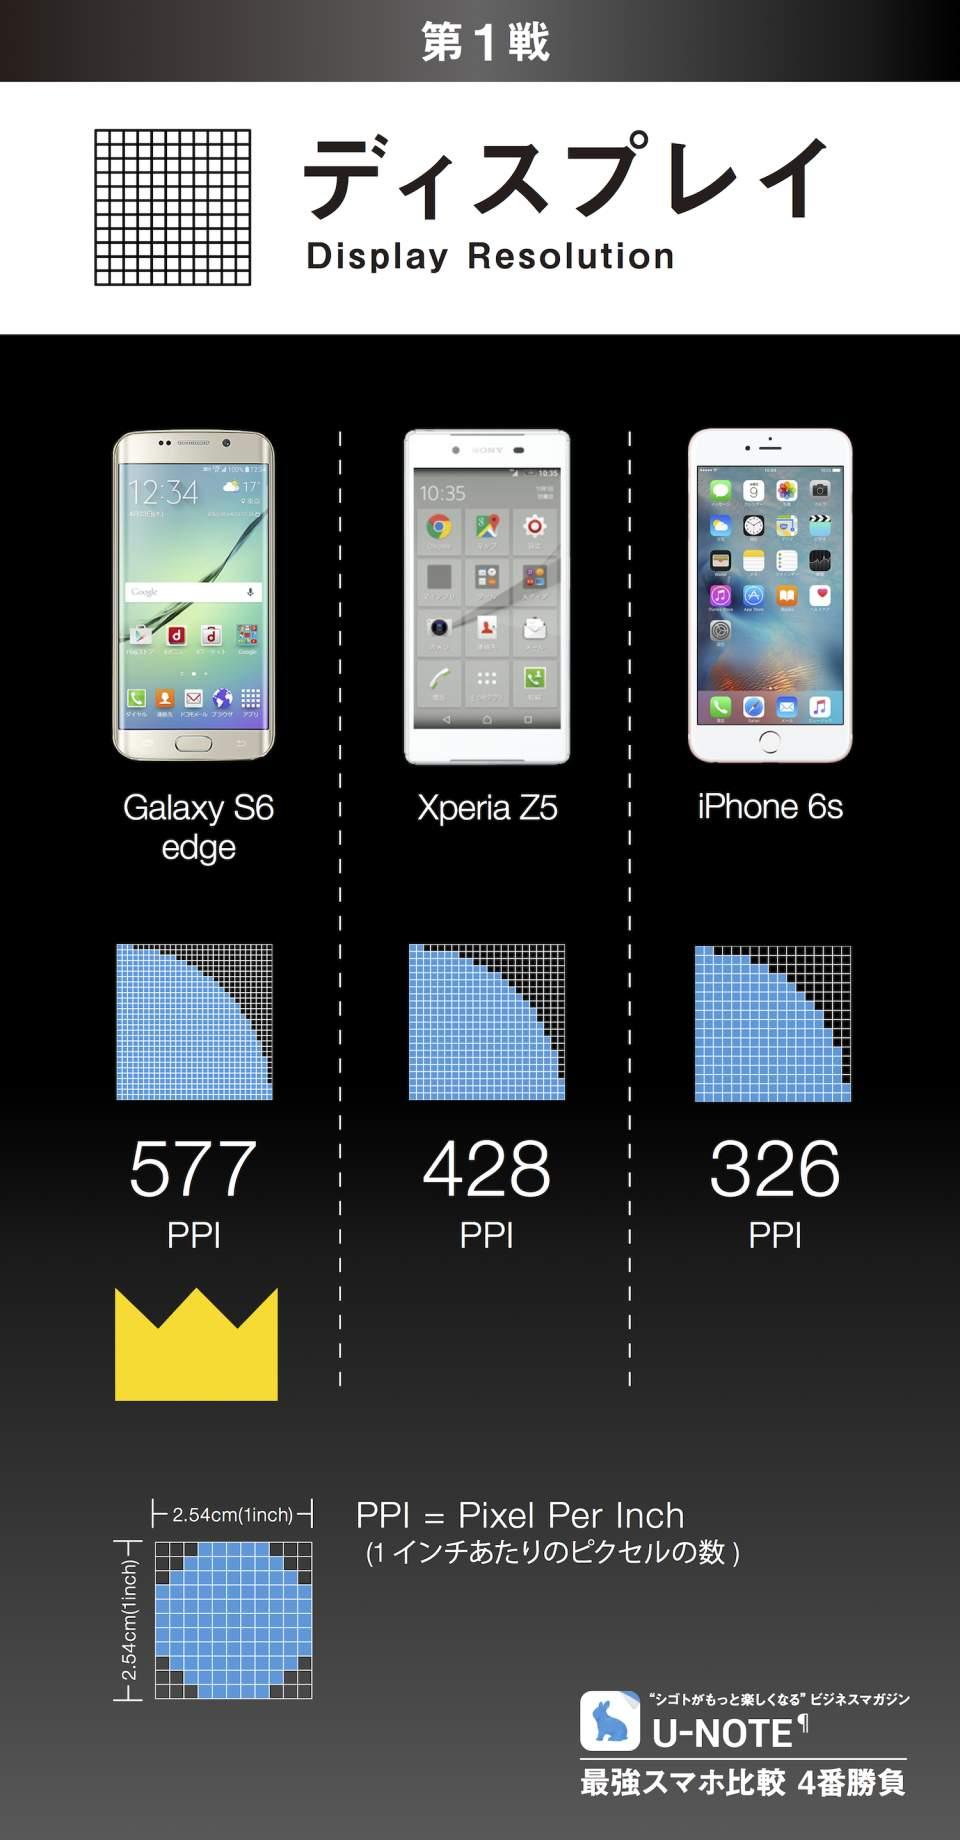 最強スマホ比較 4番勝負:Galaxy S6 edge/Xperia Z5/iPhone 6s 2番目の画像